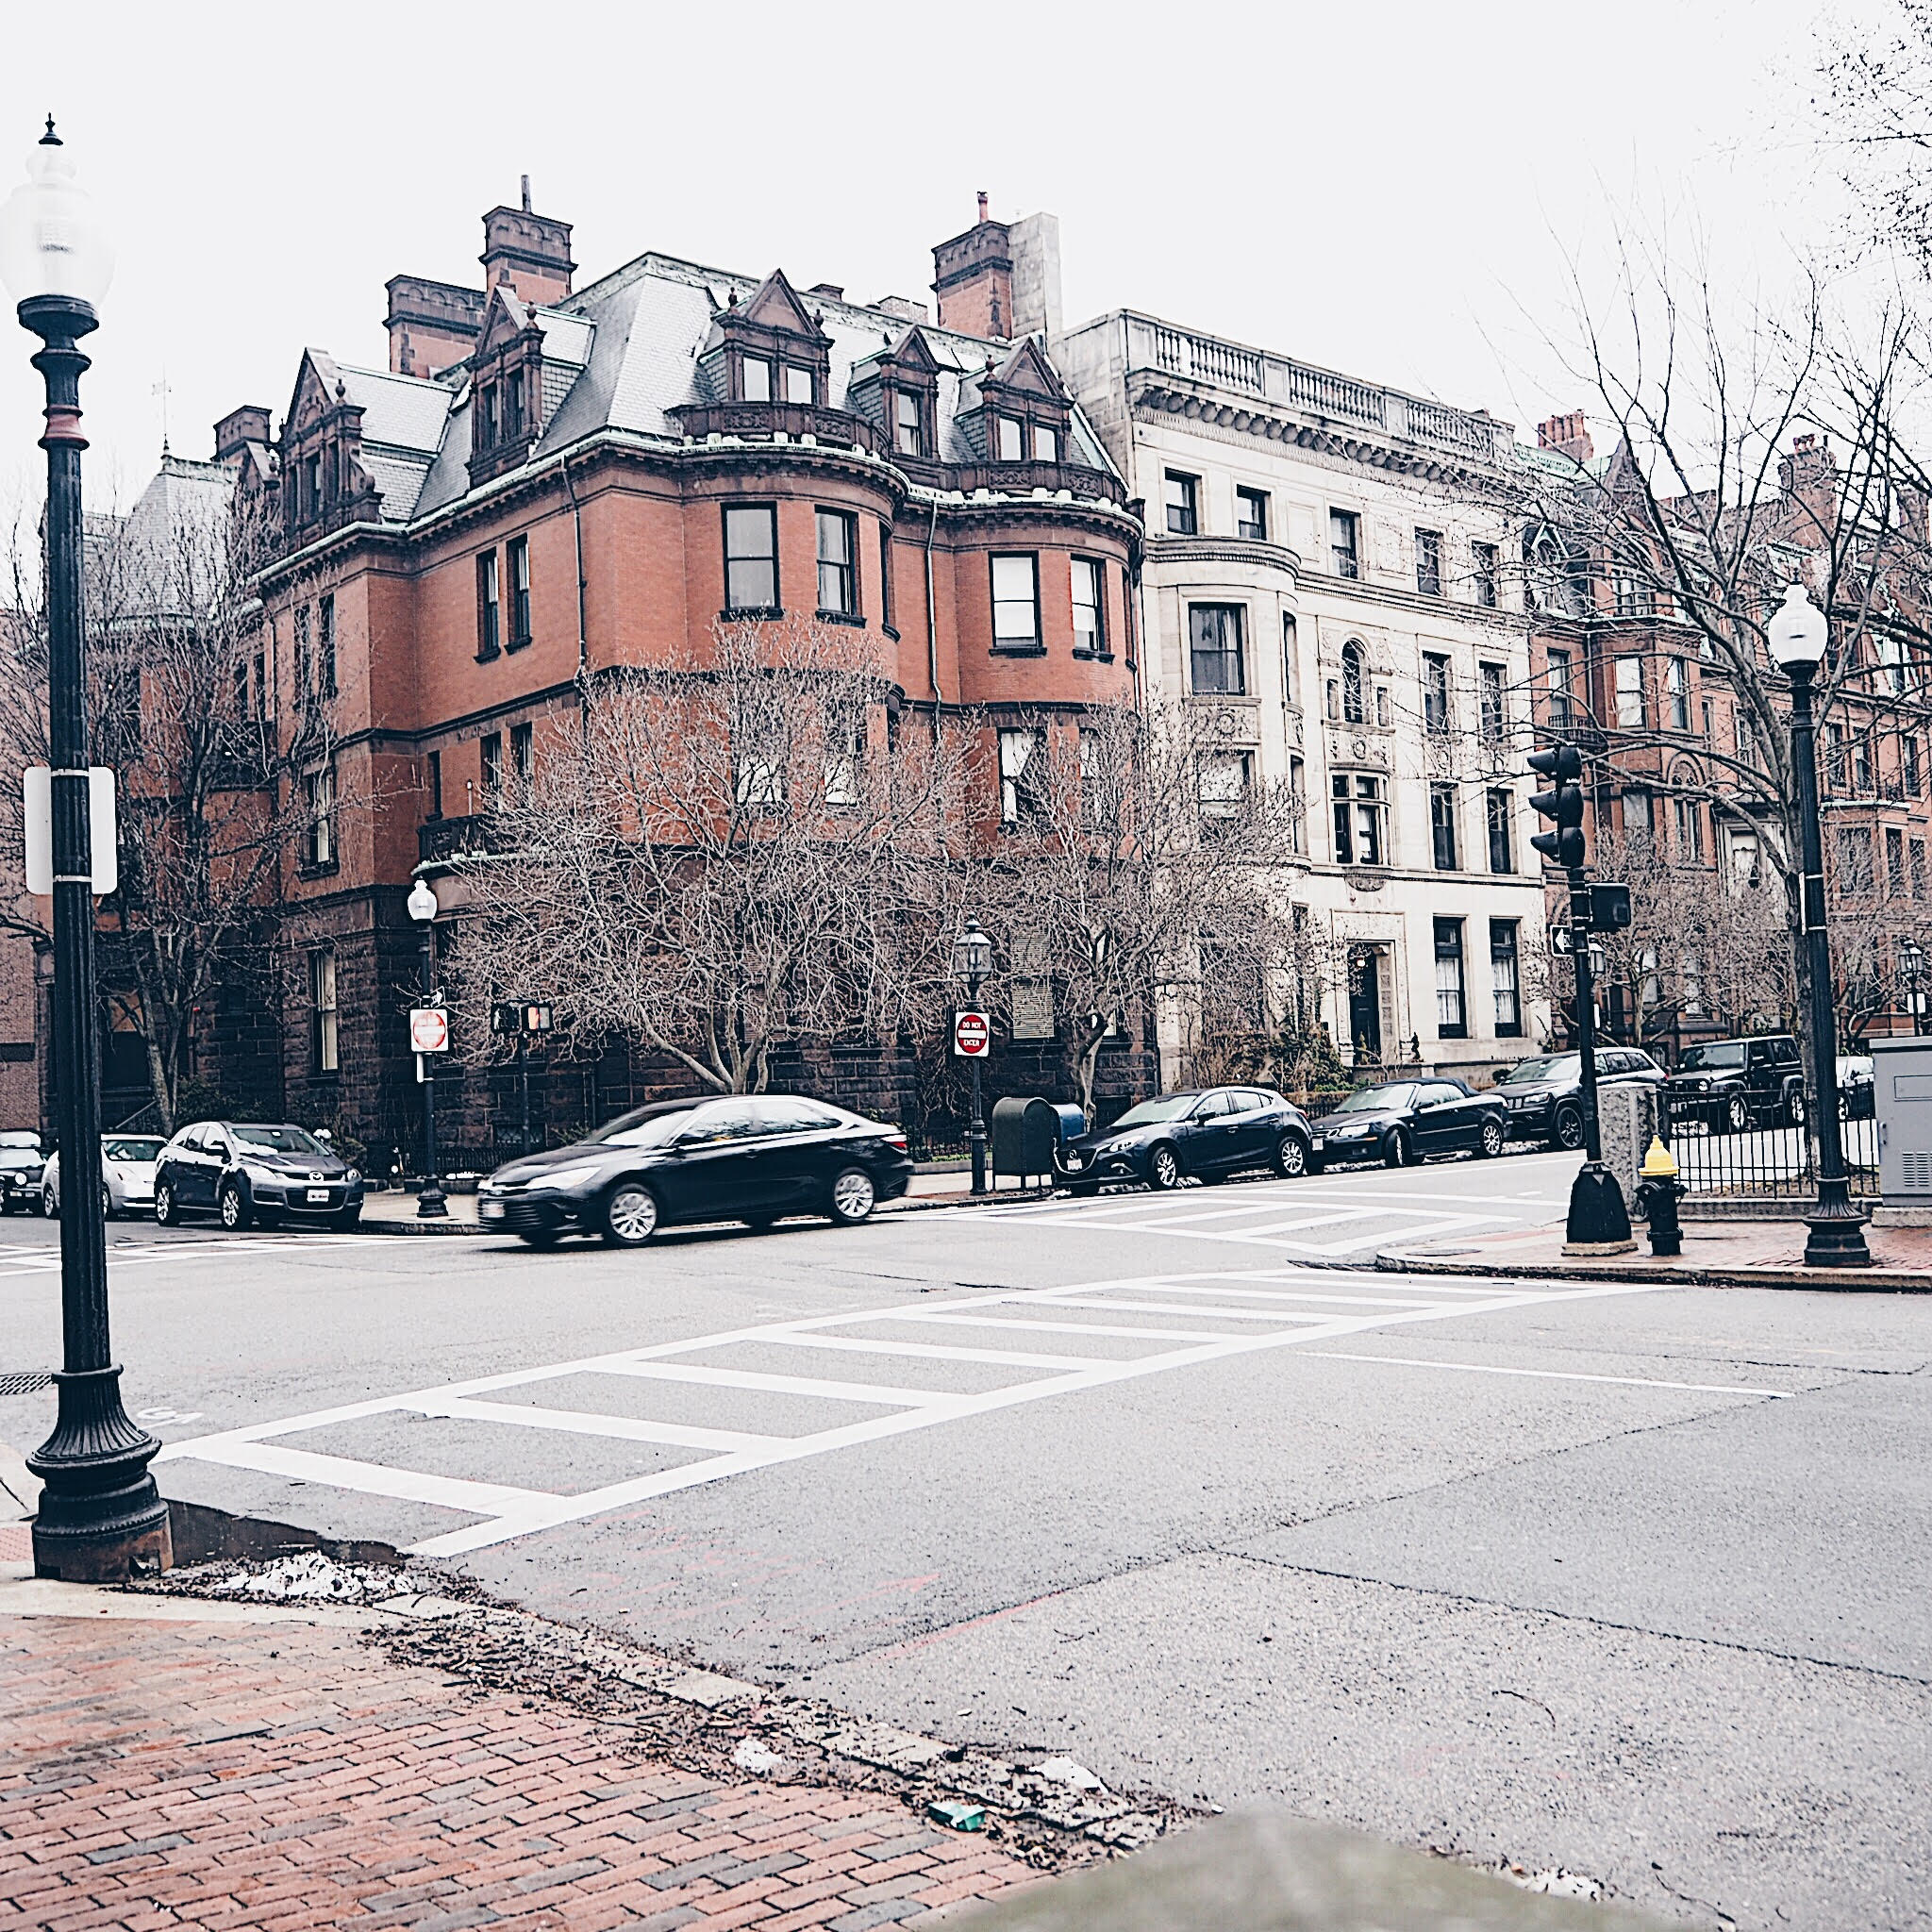 Boston Guide